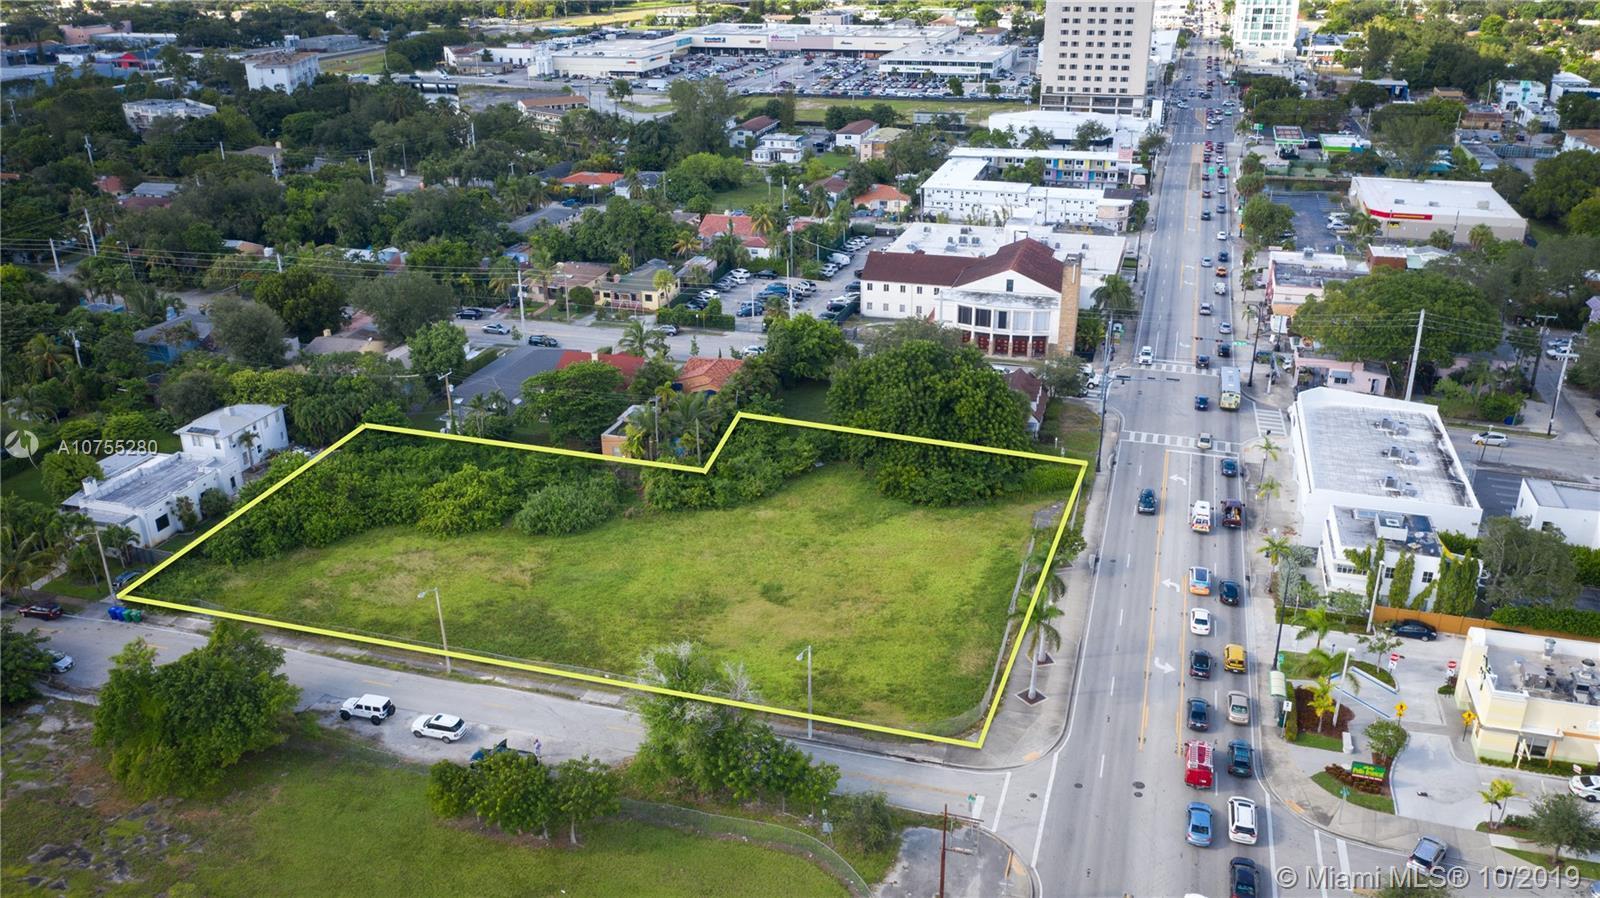 7500 Biscayne Boulevard, Miami, FL 33138